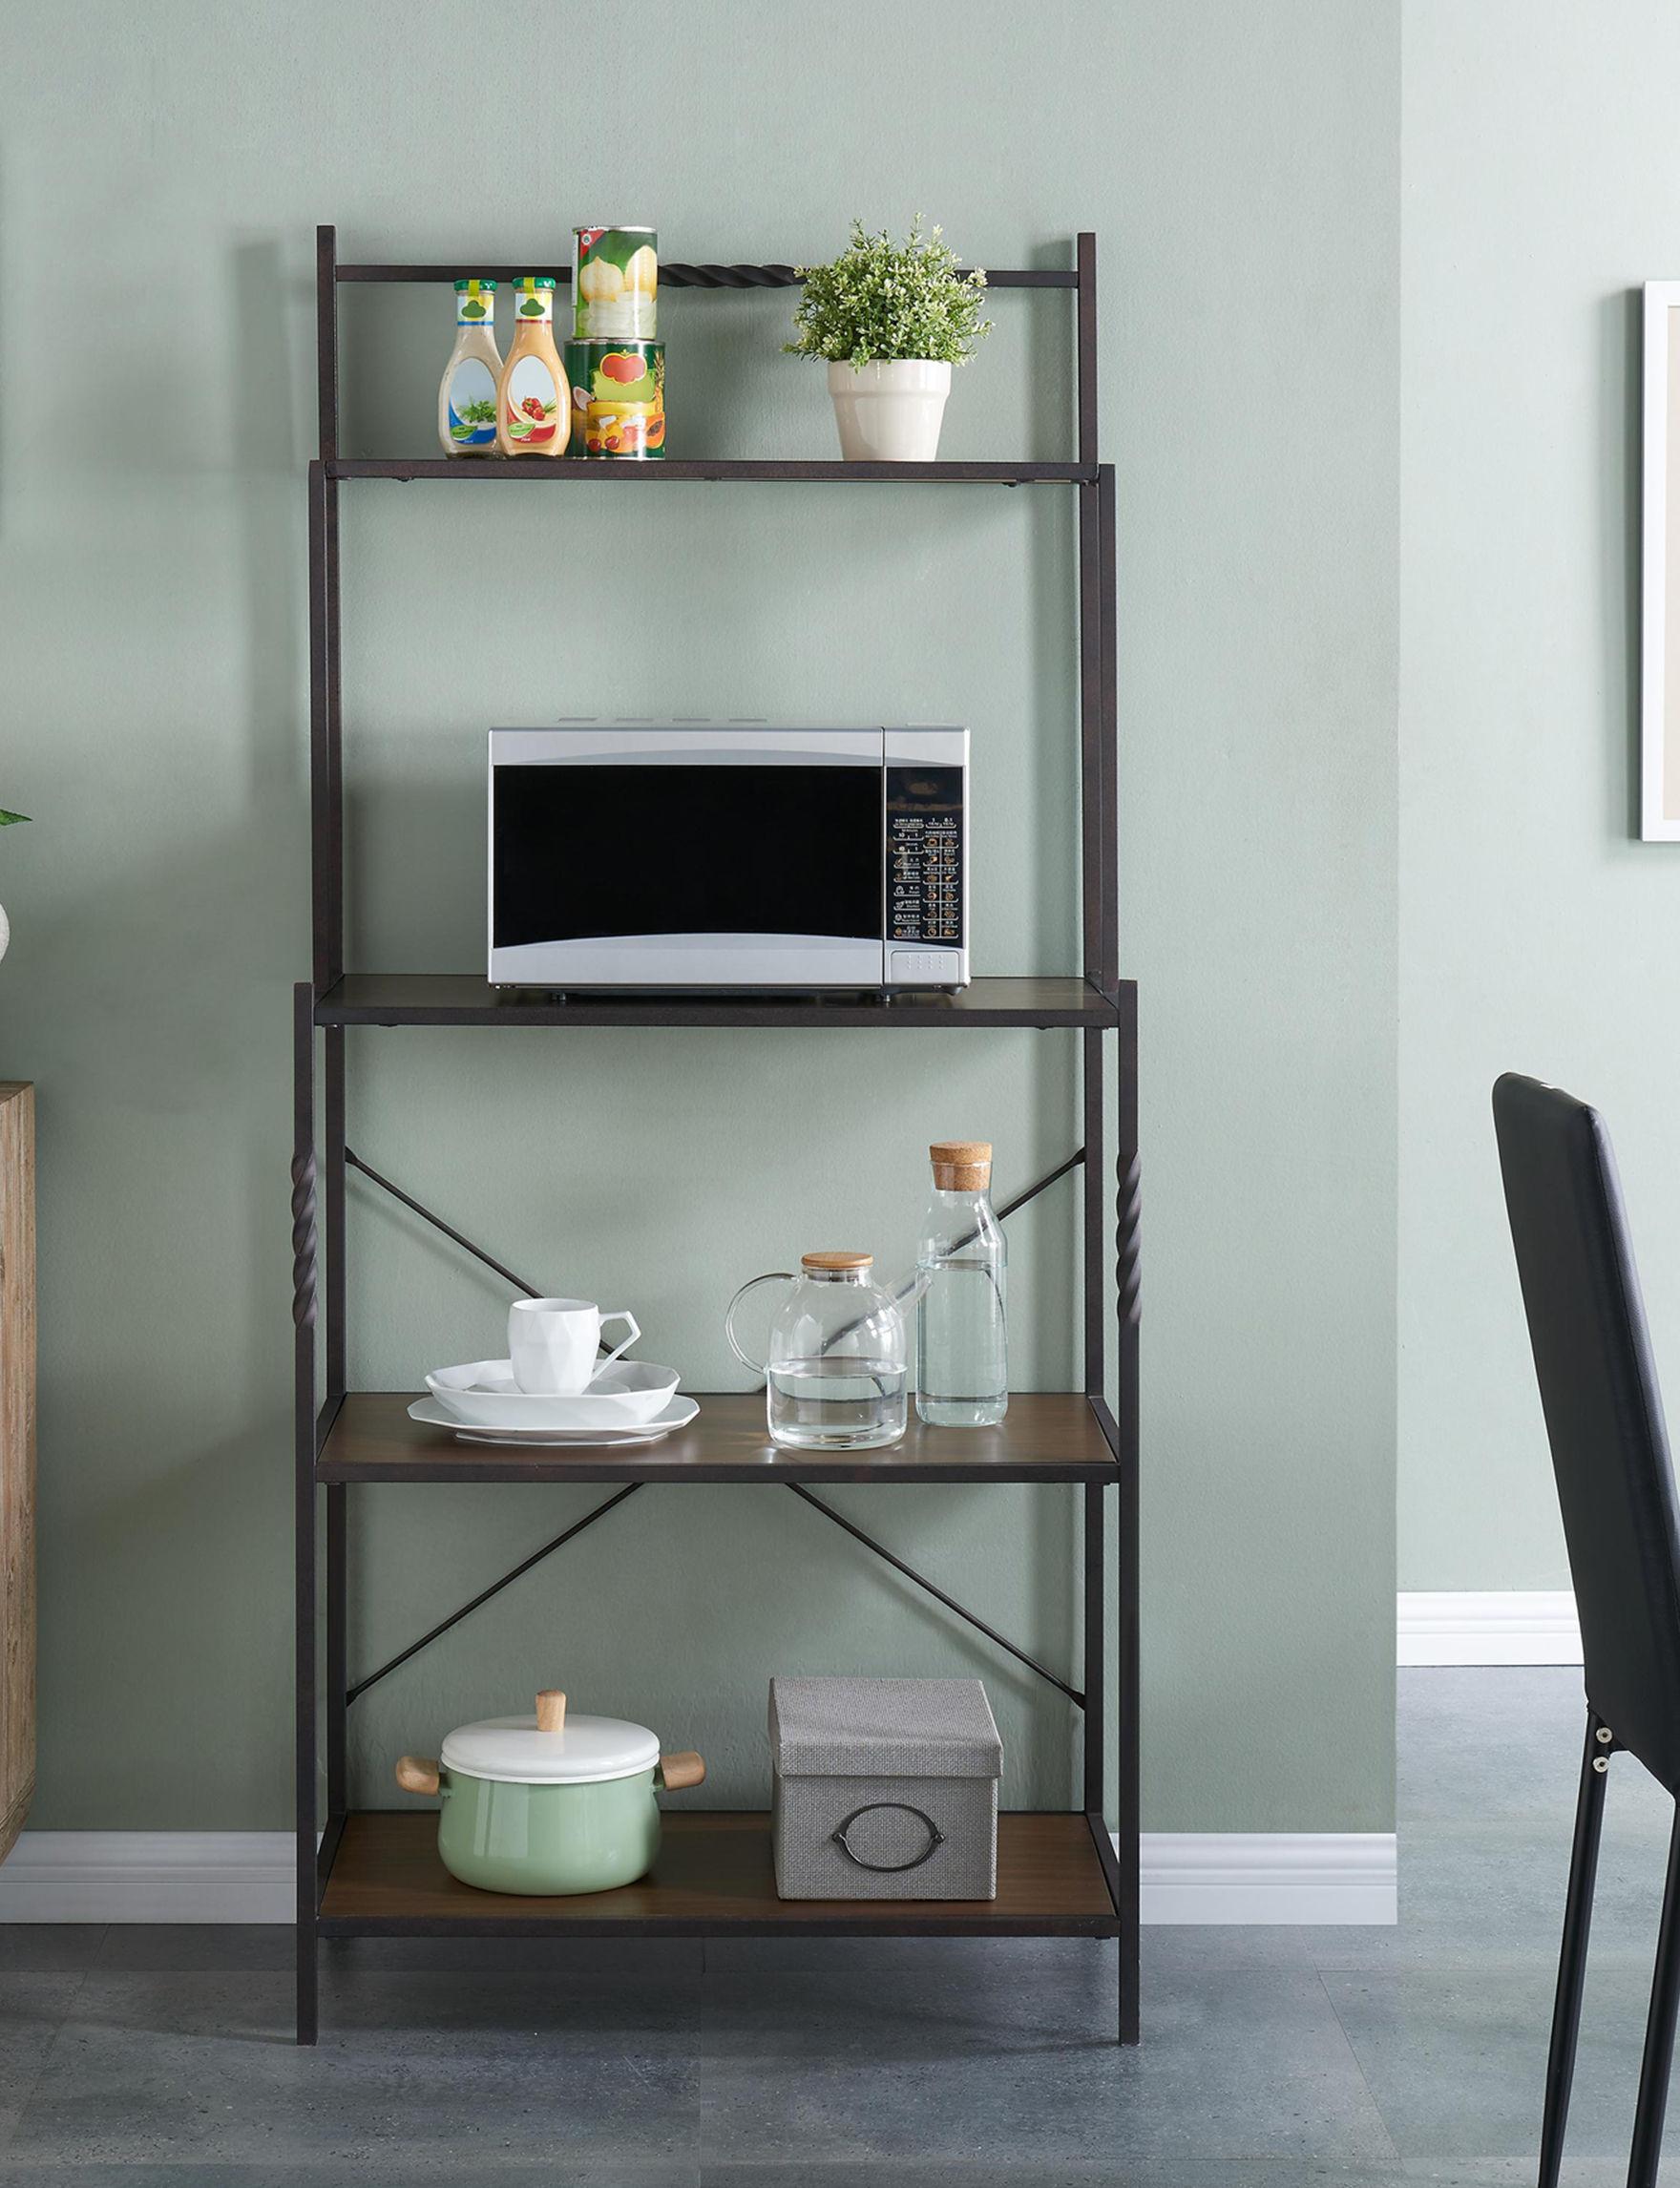 Southern Enterprises  Storage Shelves Kitchen & Dining Furniture Living Room Furniture